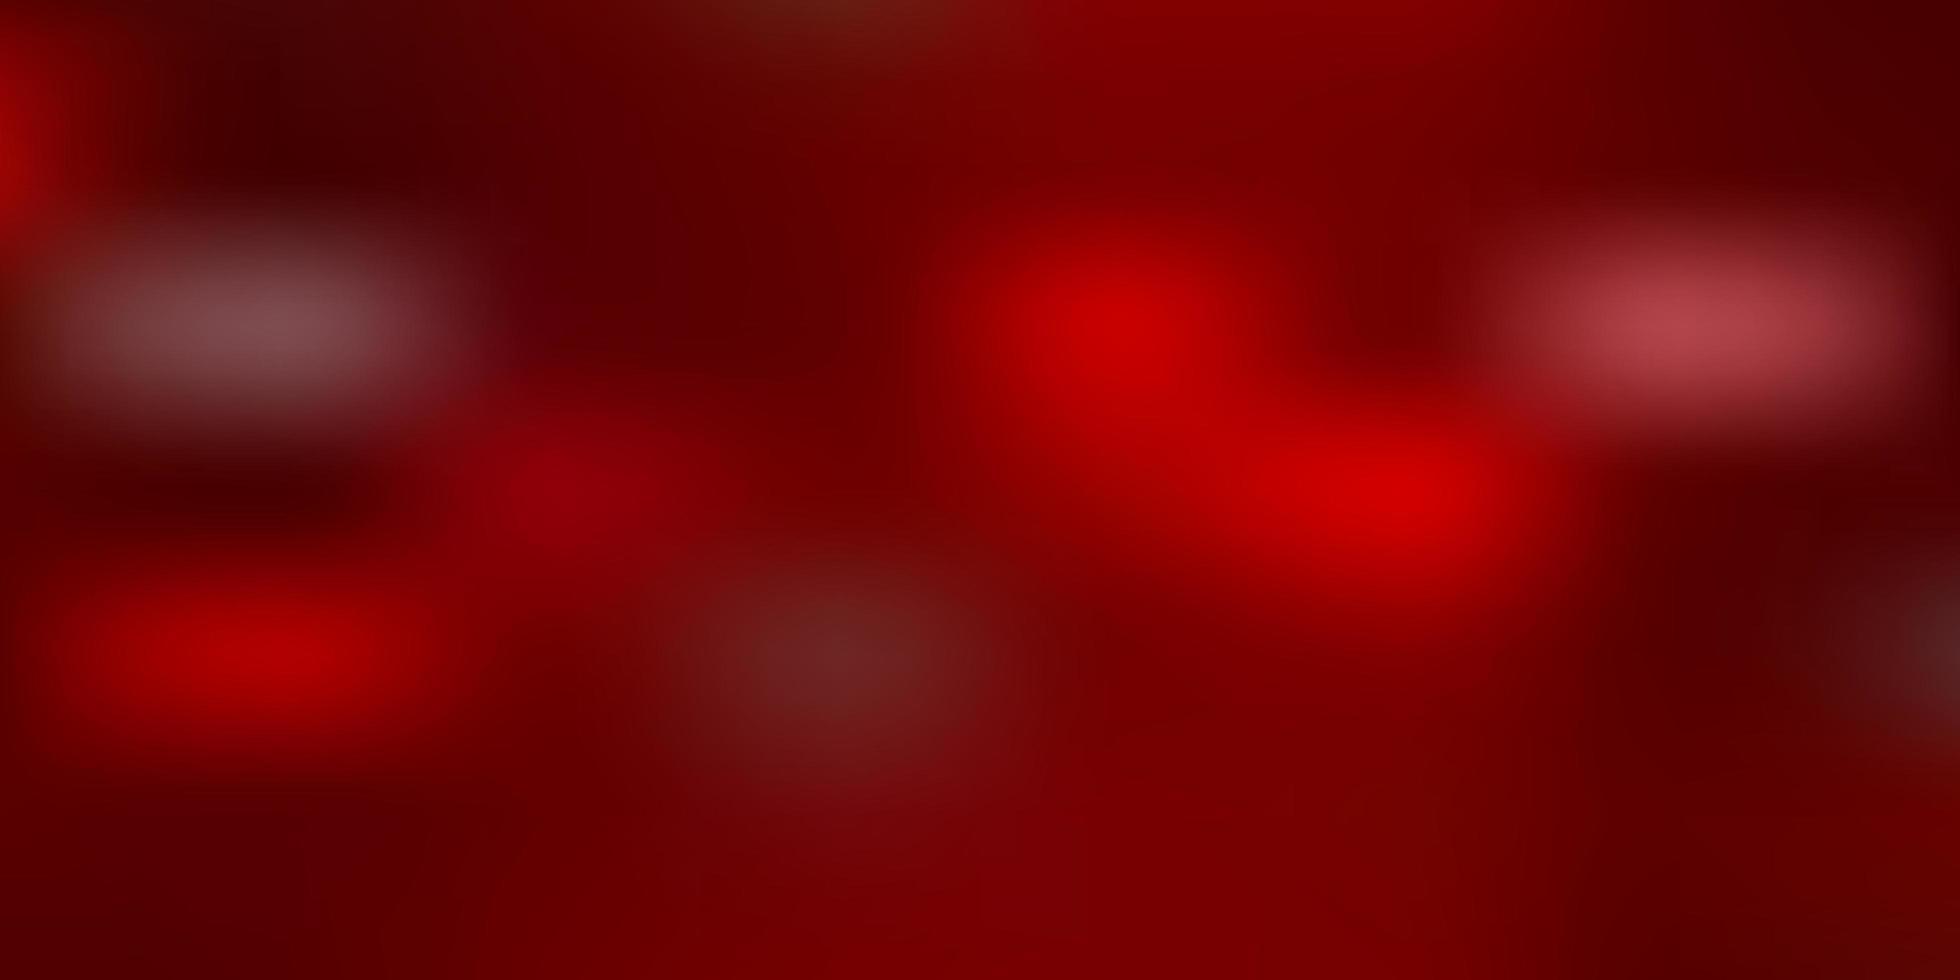 mise en page floue de vecteur rouge clair.